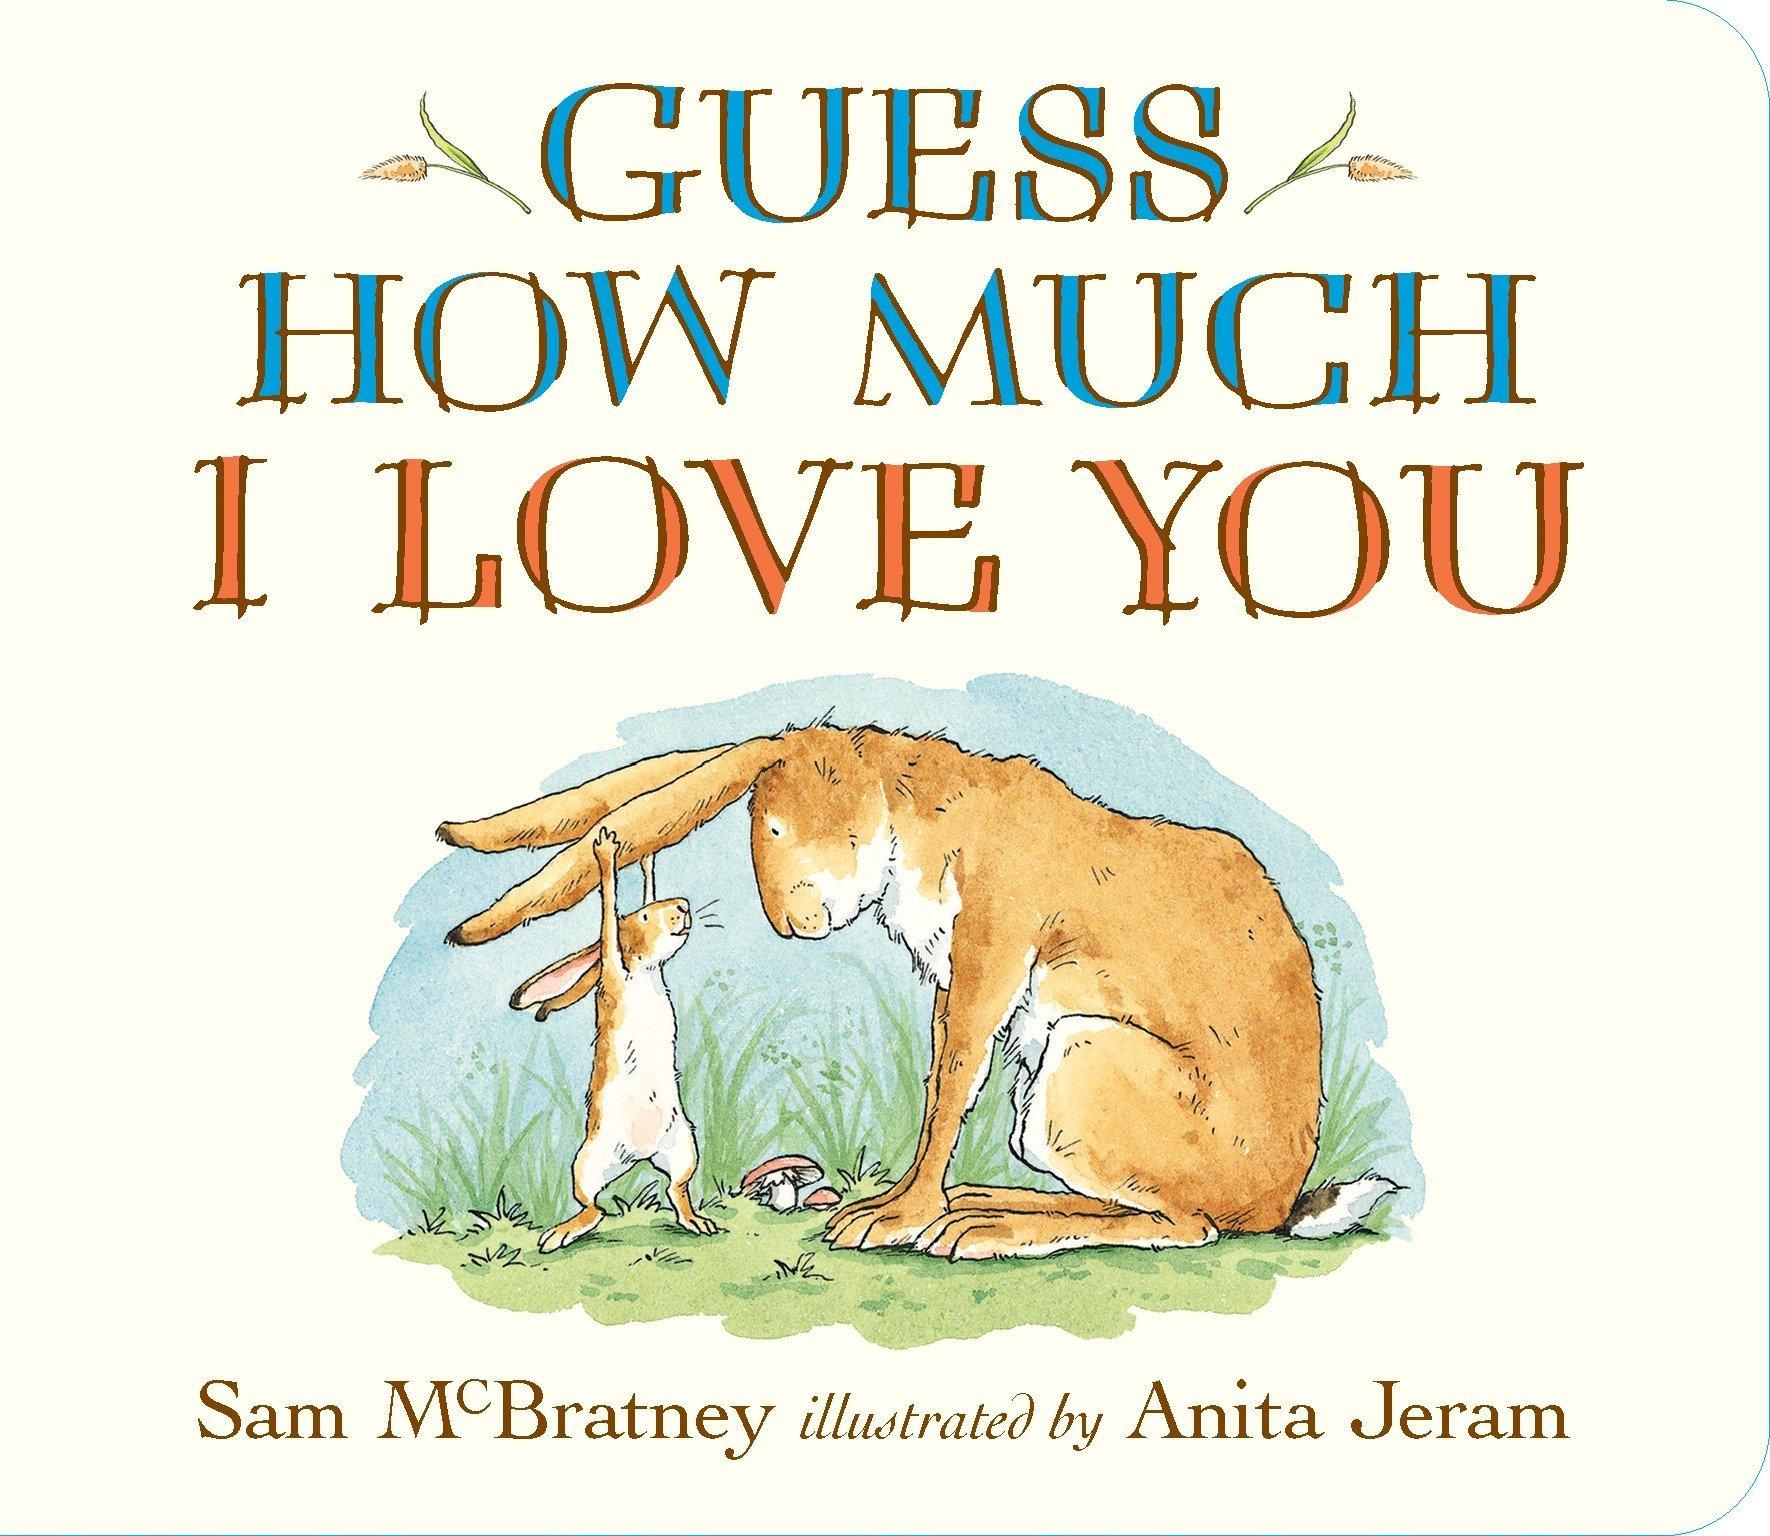 Anita Jeram gifts